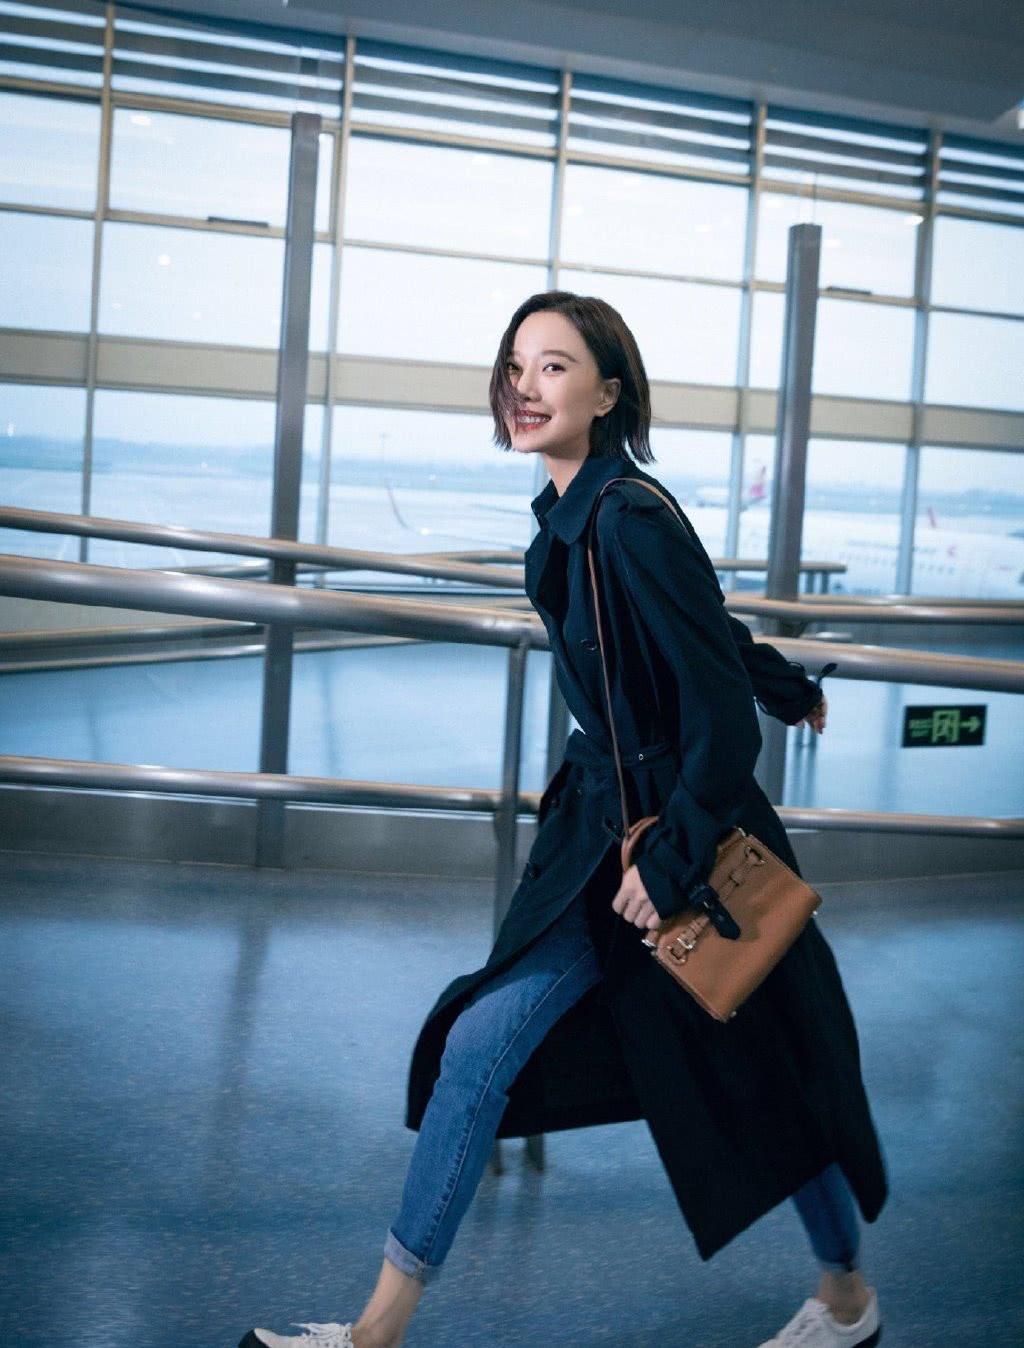 王珞丹出发纽约时装周,黑色风衣配牛仔裤,身形消瘦穿得飒爽帅气